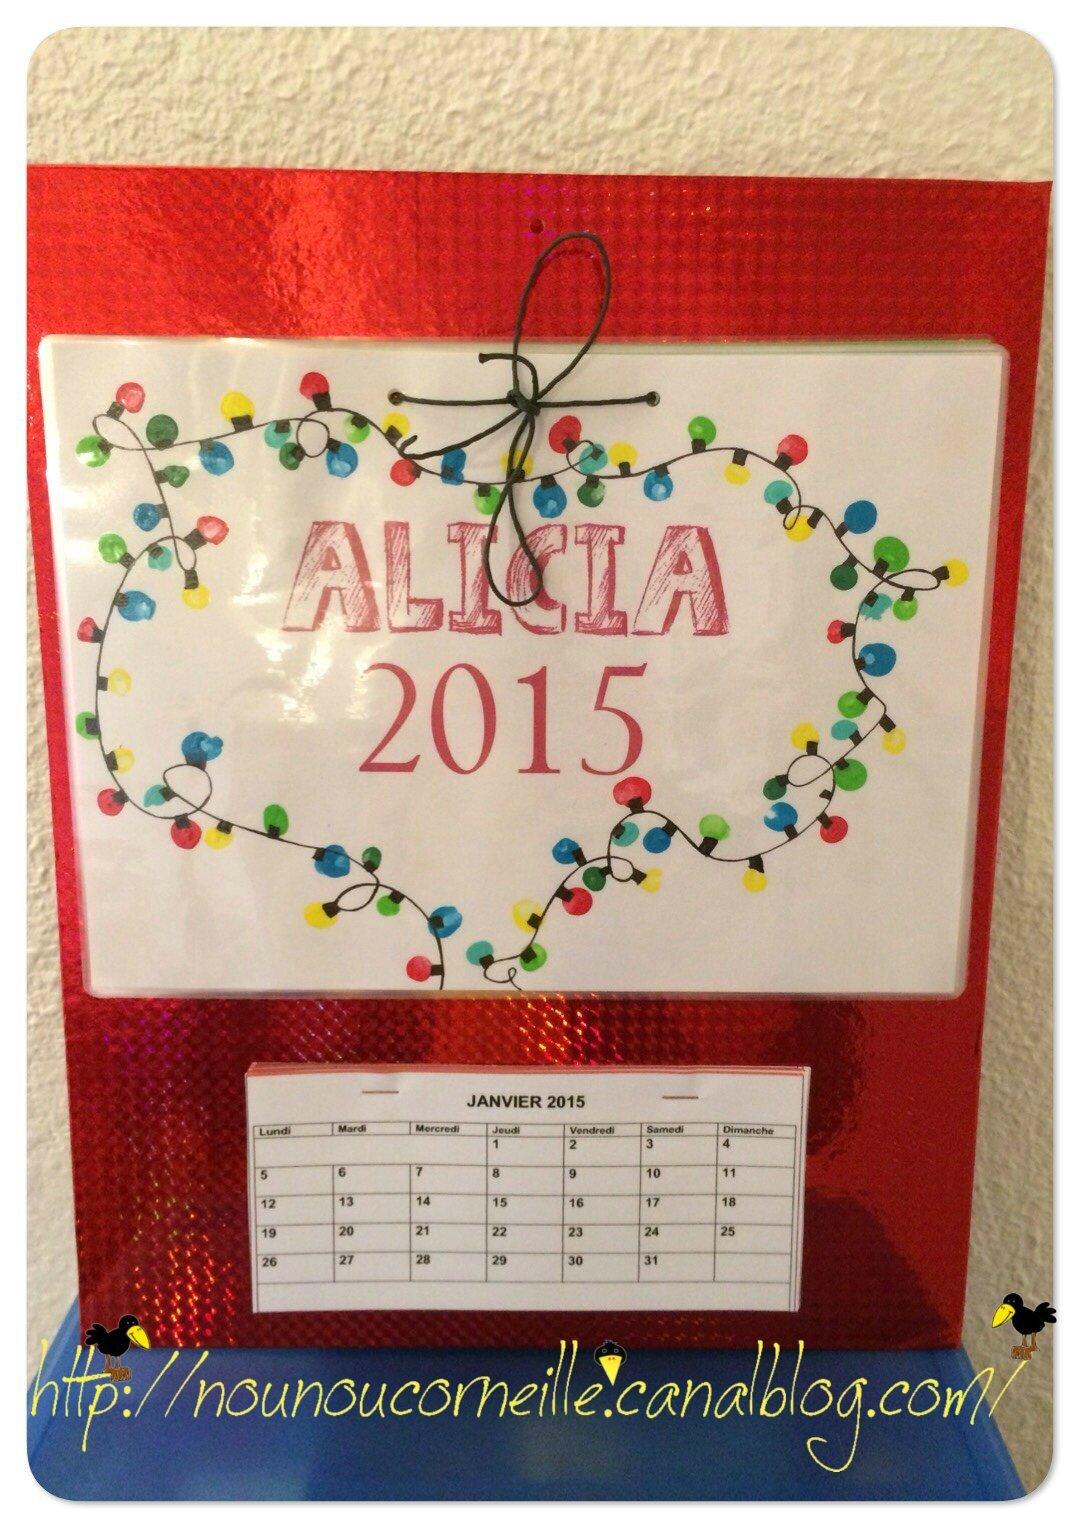 calendrier alicia 2014